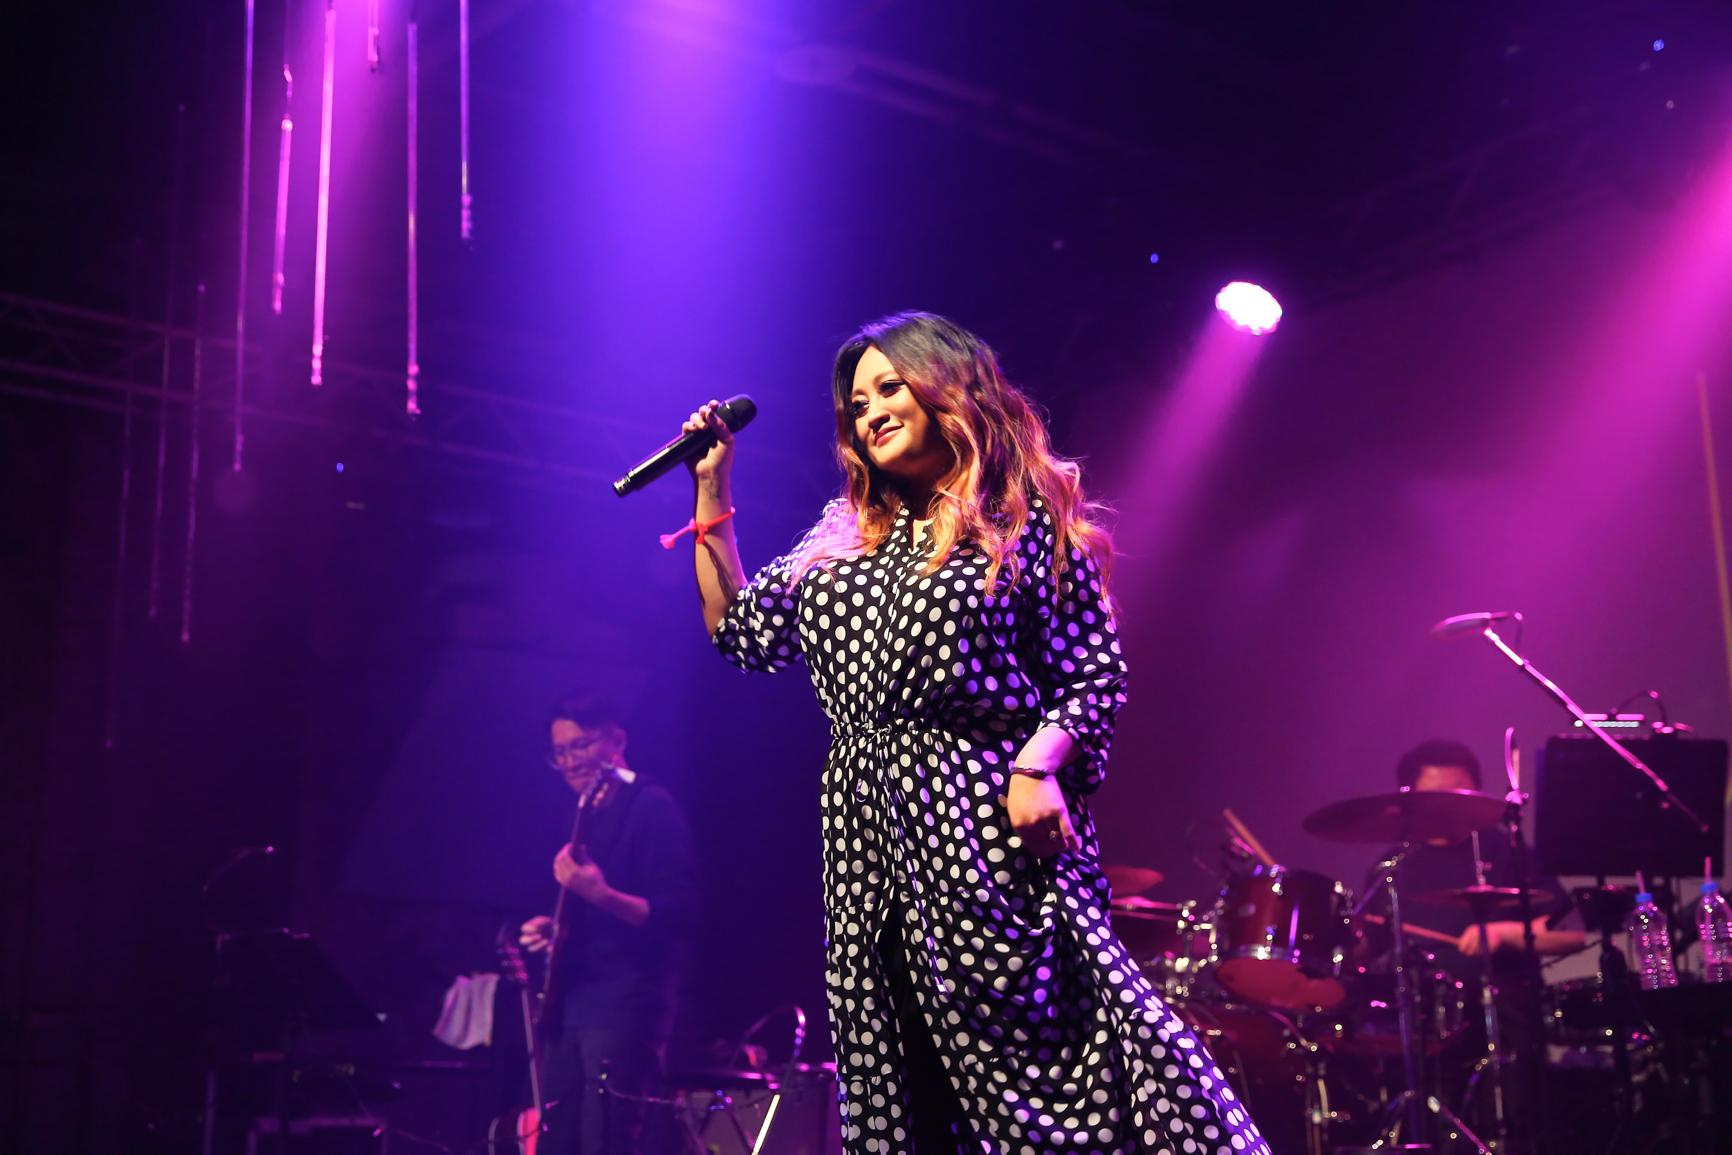 24首脍炙人口歌曲唱满120分钟 家家首场巡回就创下票房佳绩